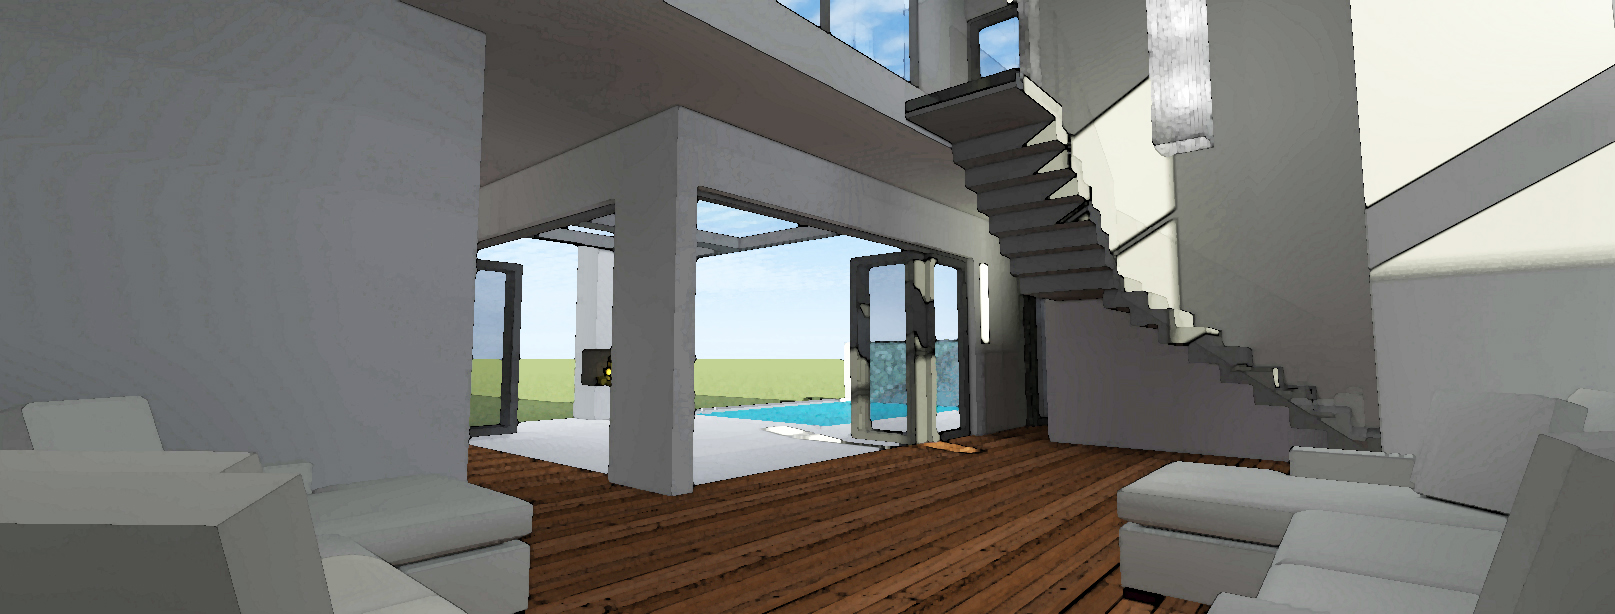 Rooftop Observation Deck 44090td 1st Floor Master